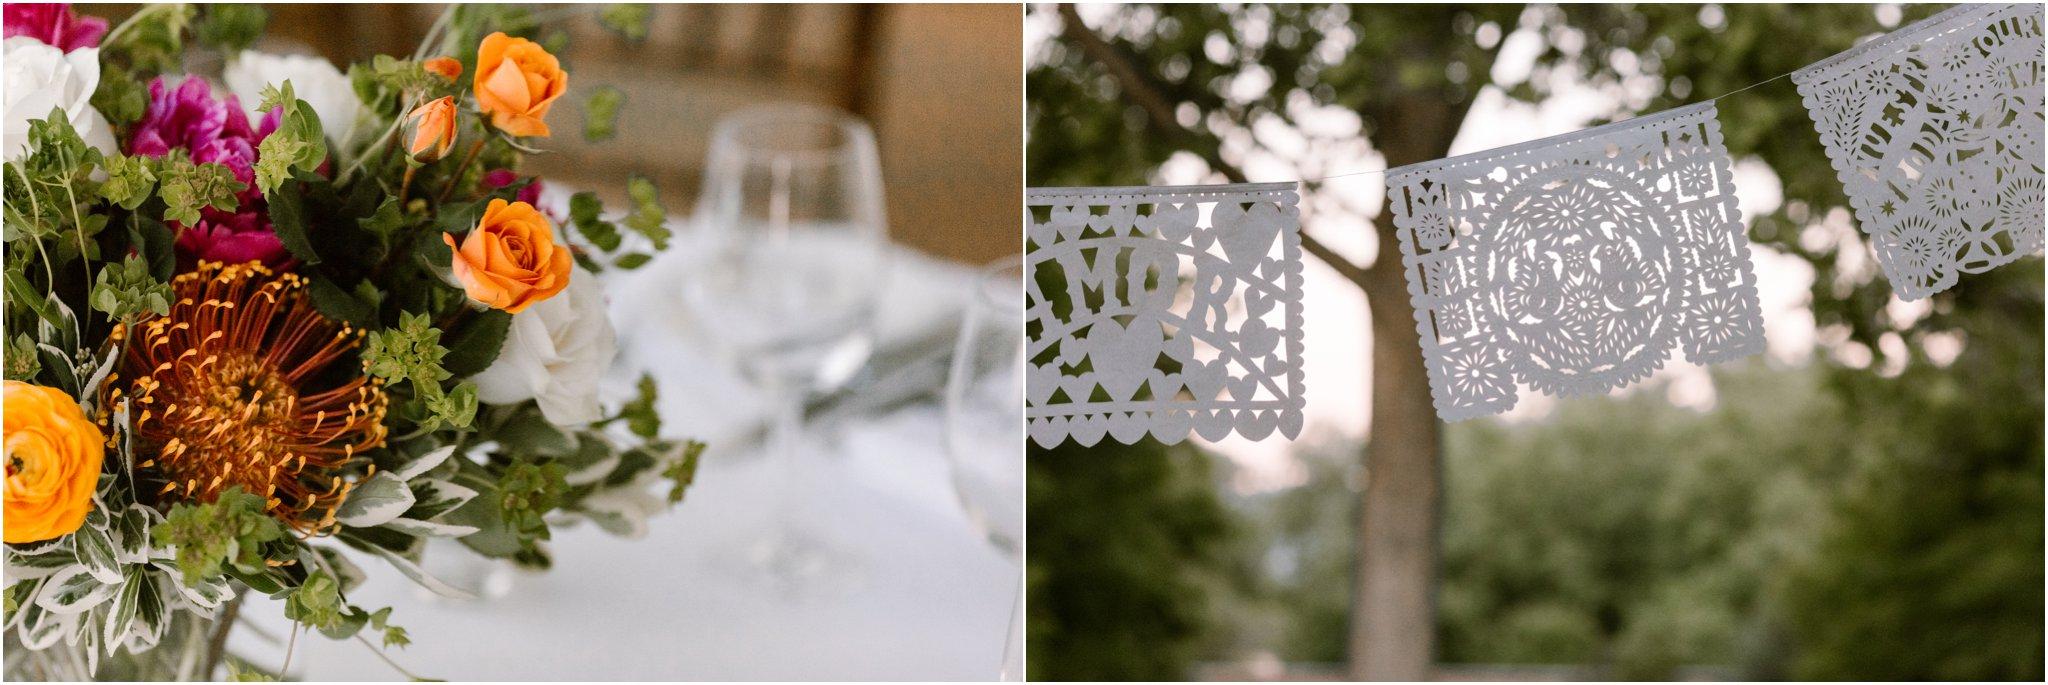 0238Los Poblanos Weddings Blue Rose Photography Studios